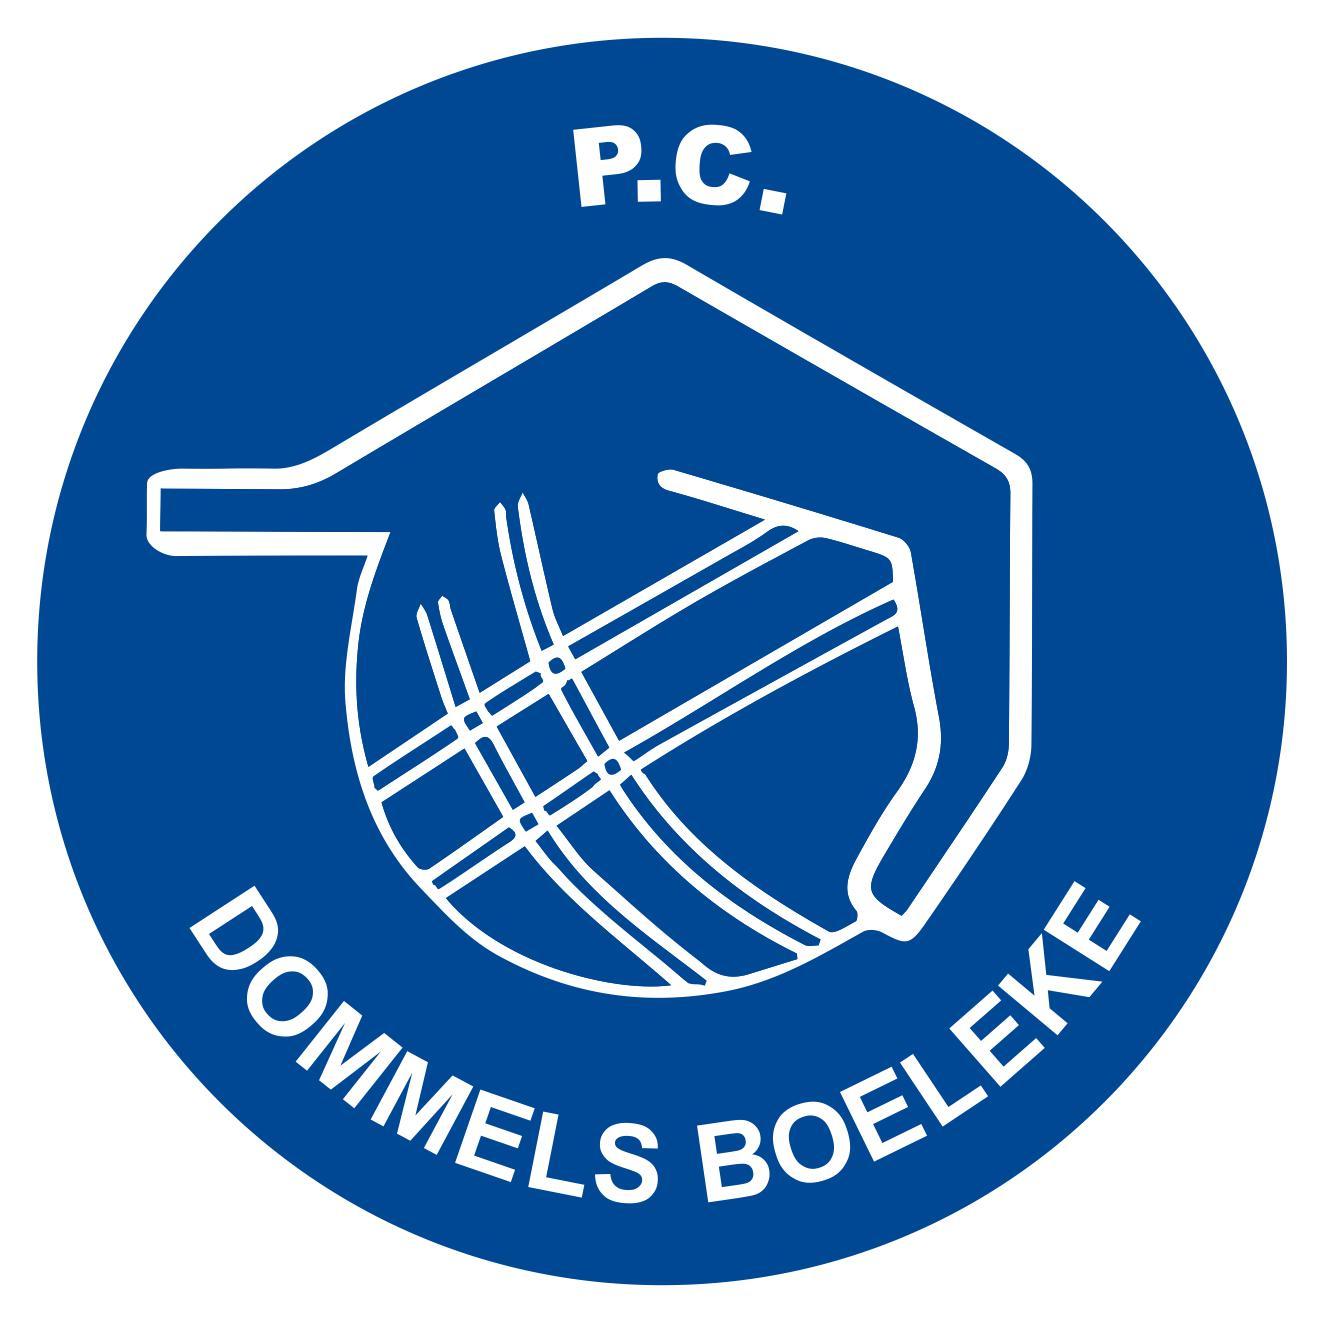 Petanque Club Dommels Boeleke